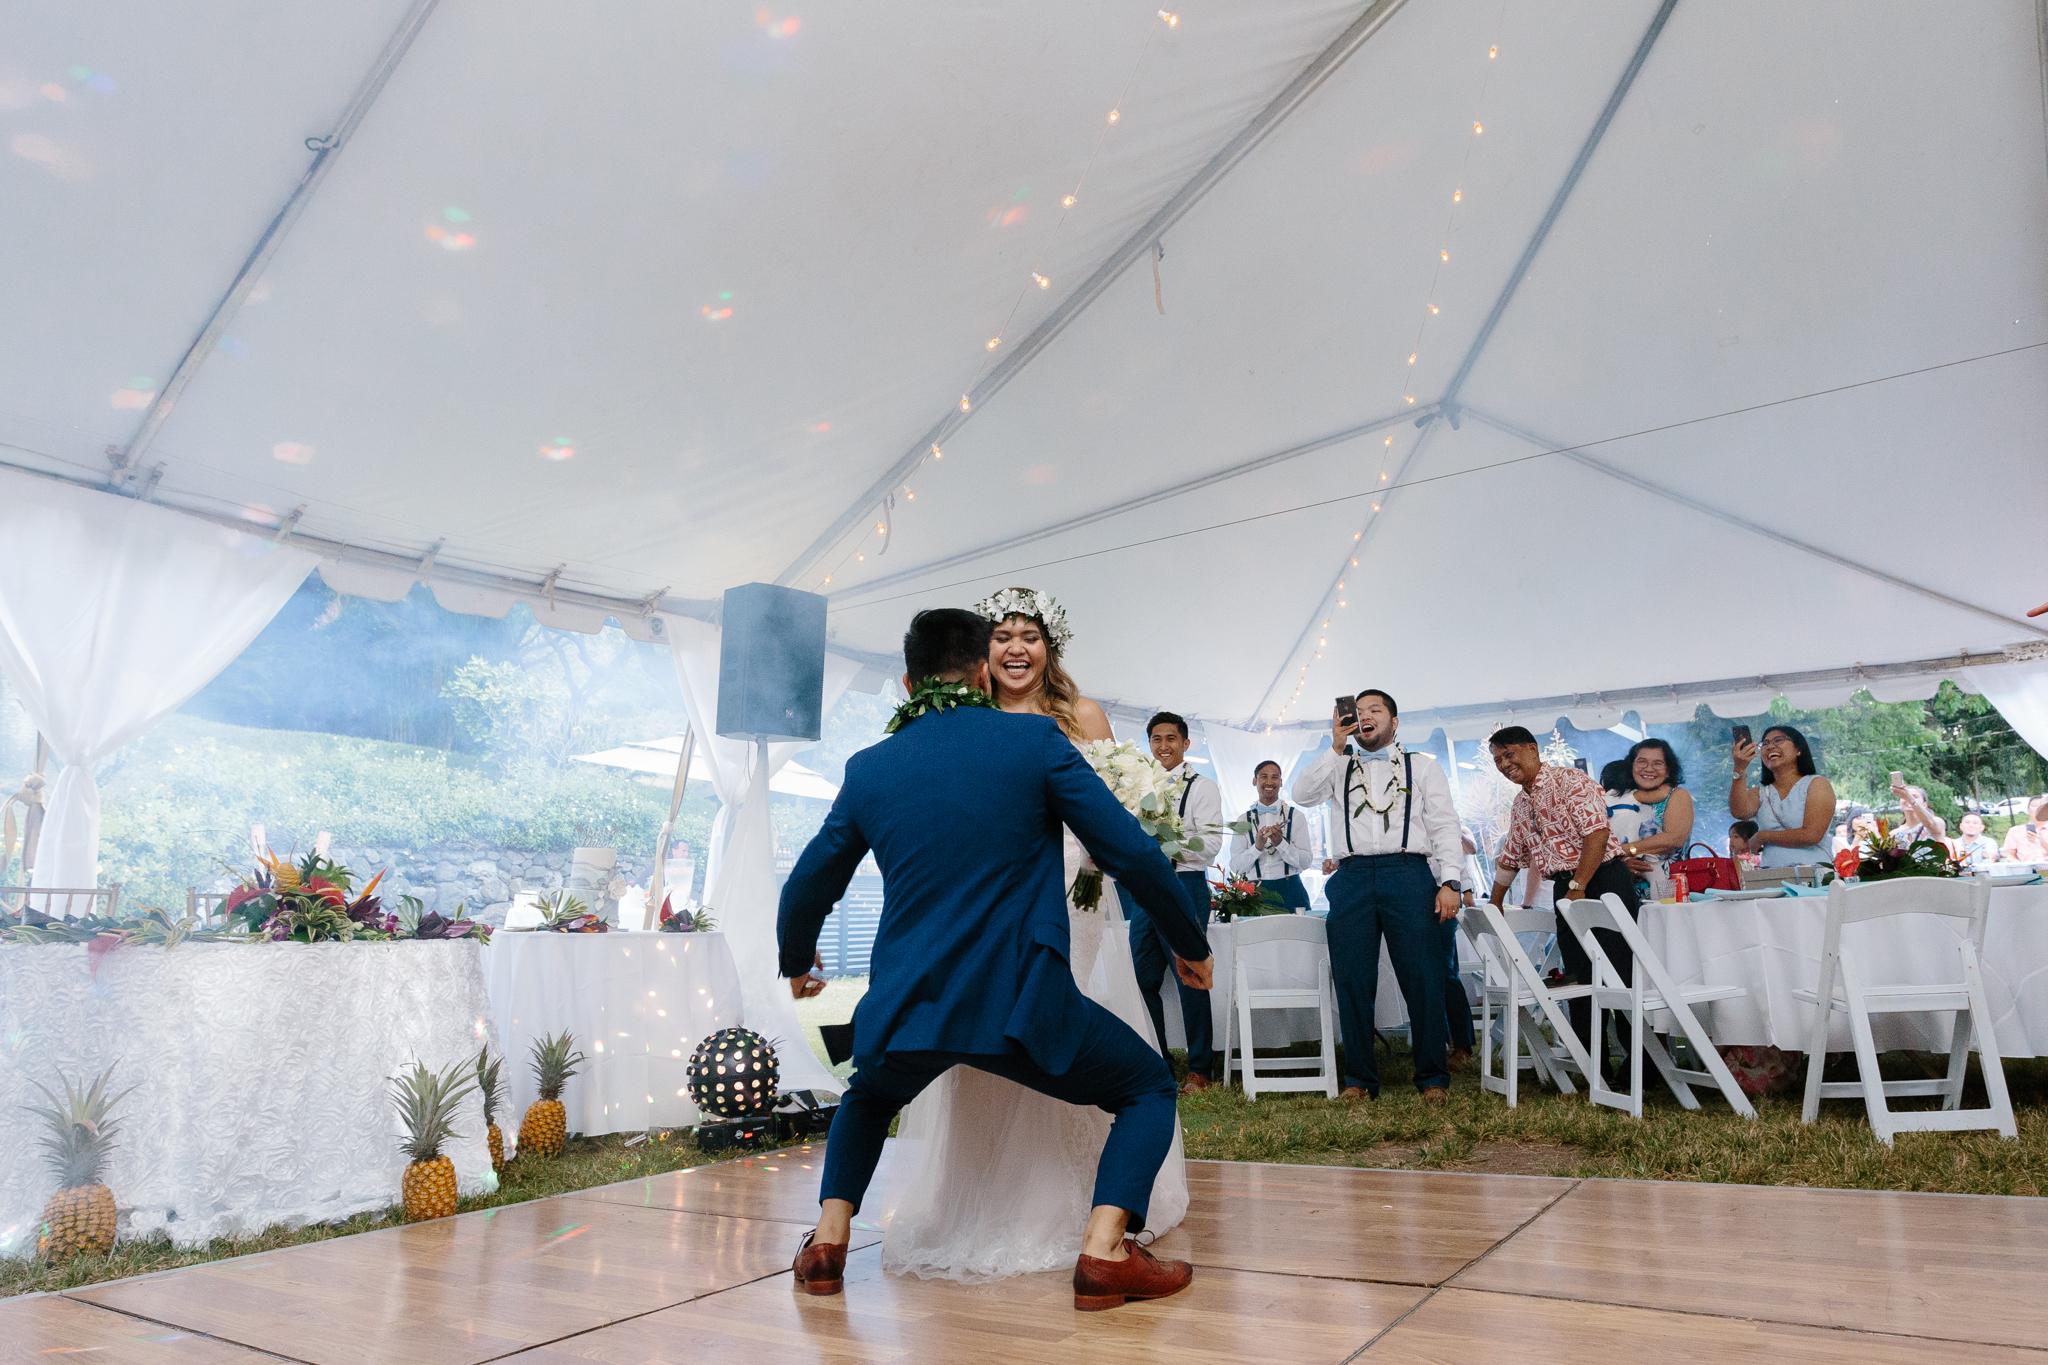 kualoa_ranch_wedding_photography_tone_hawaii-78.jpg